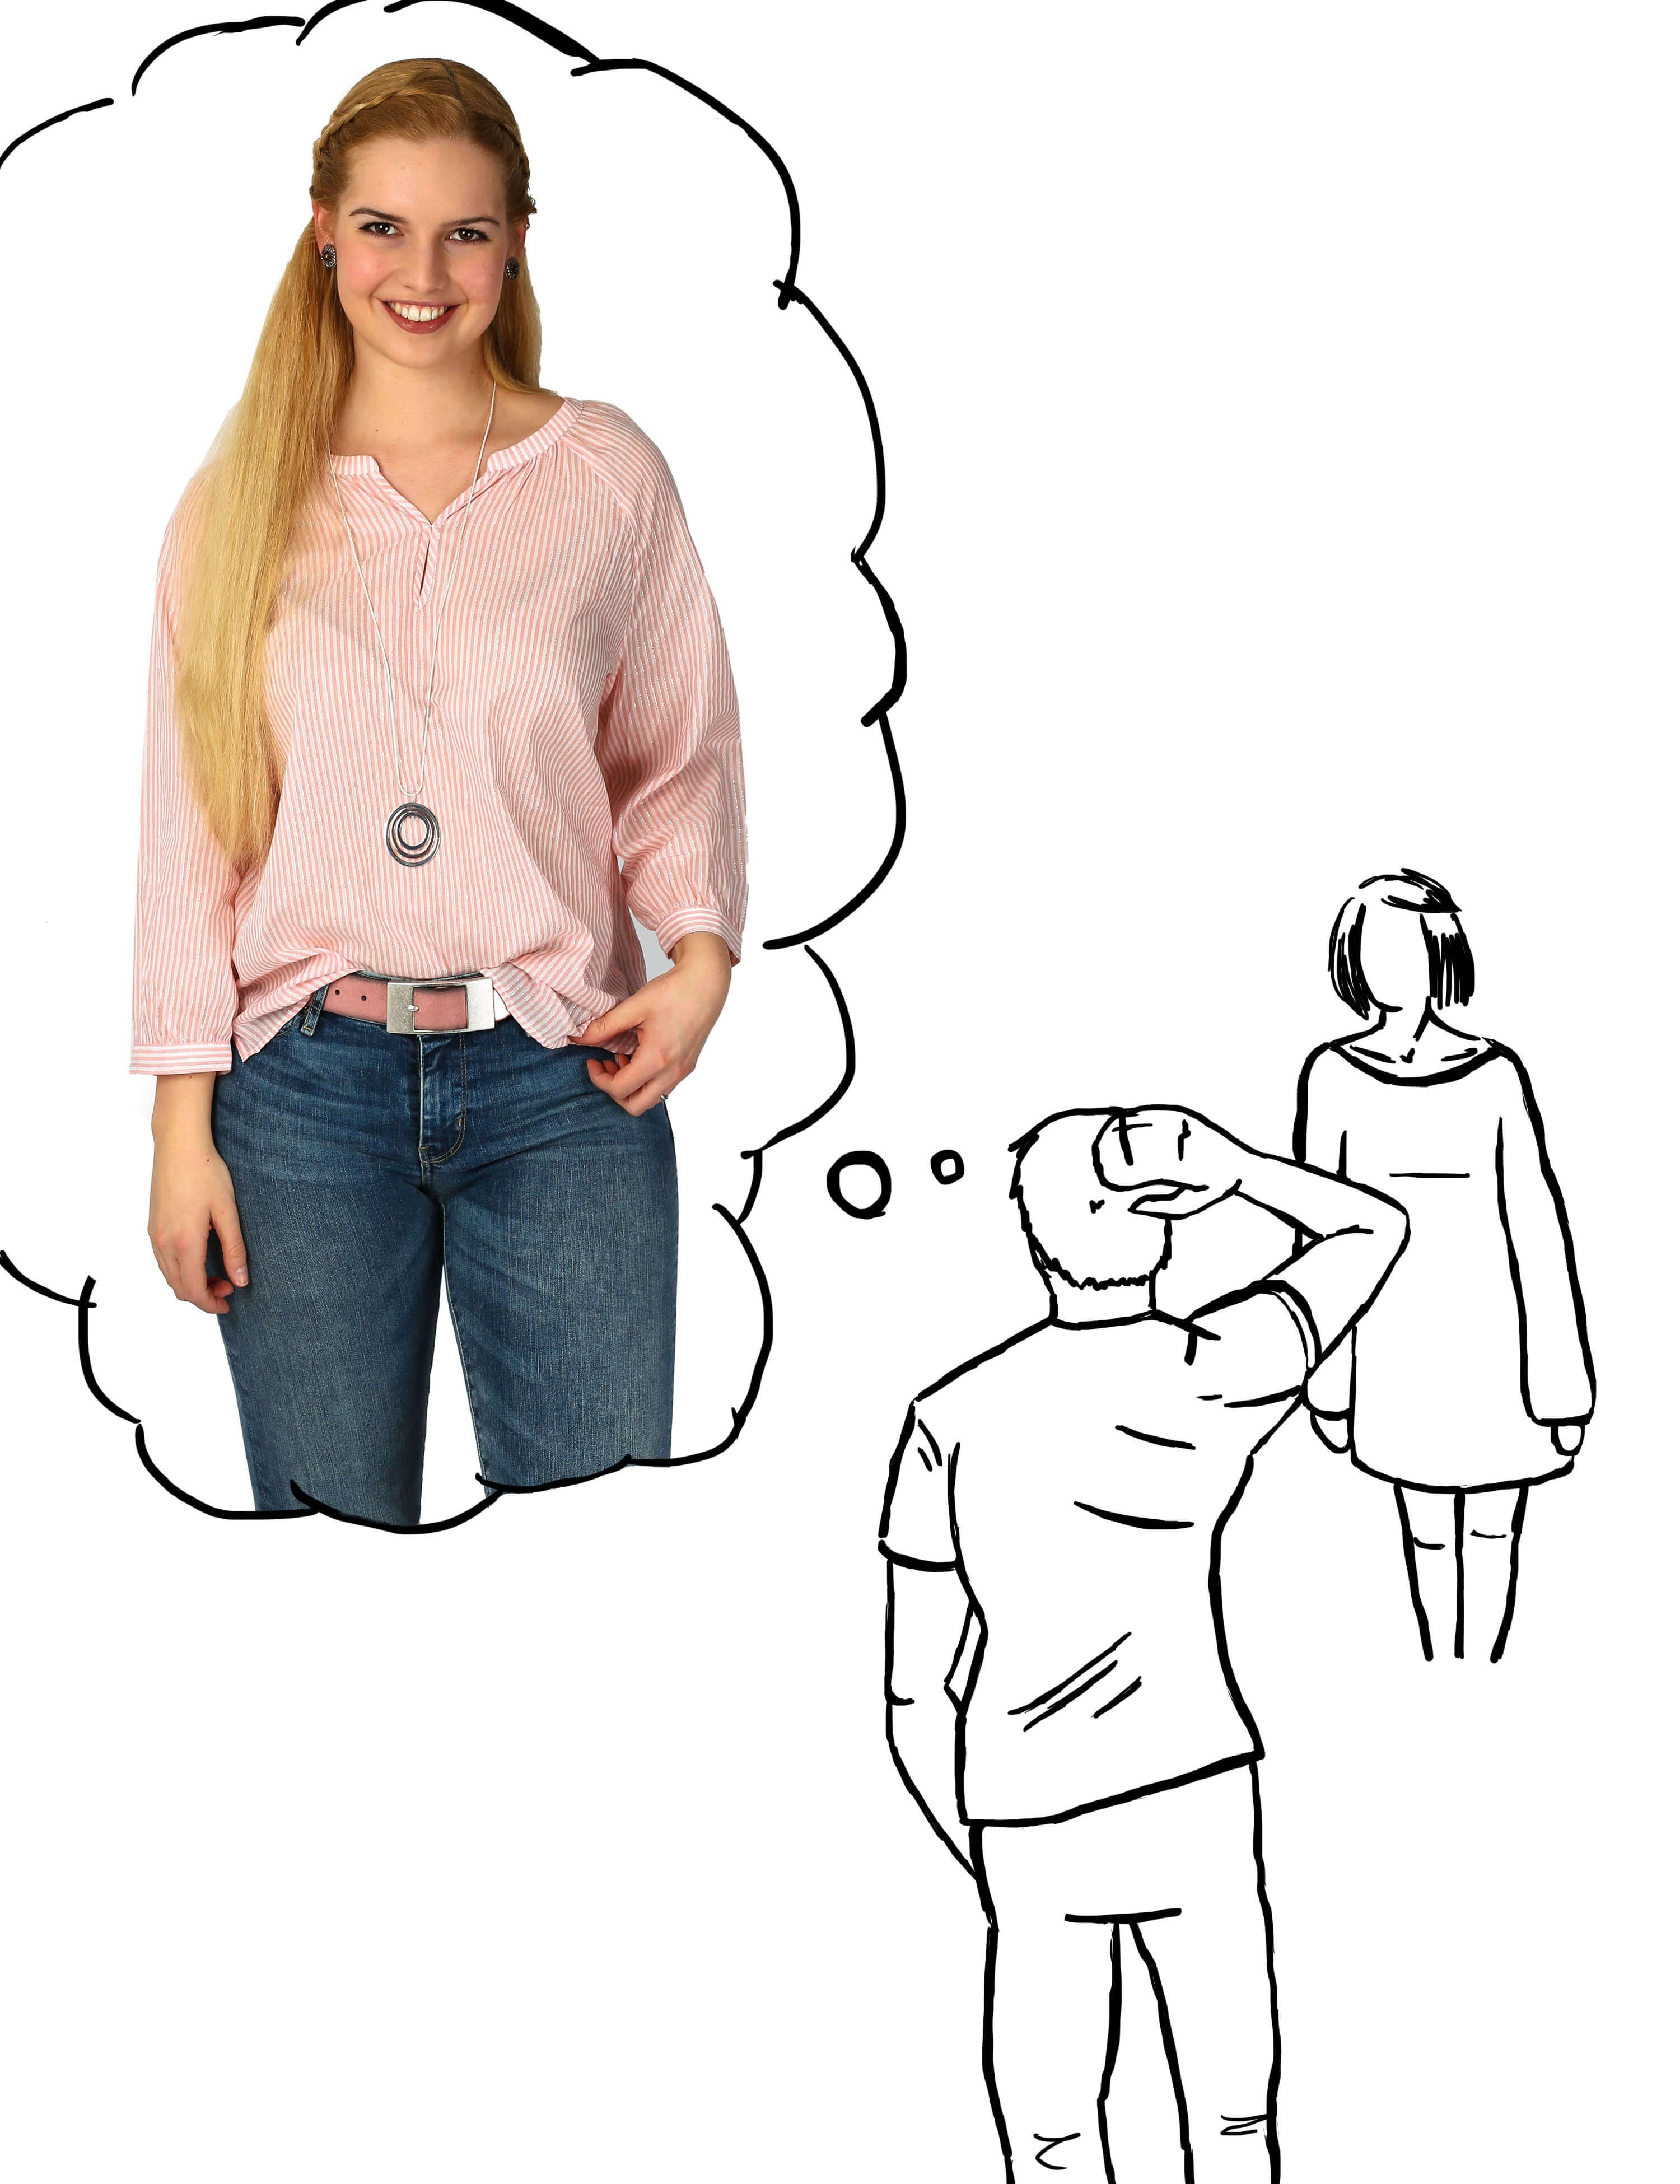 Das wünschen sich Männer beim weiblichen Look